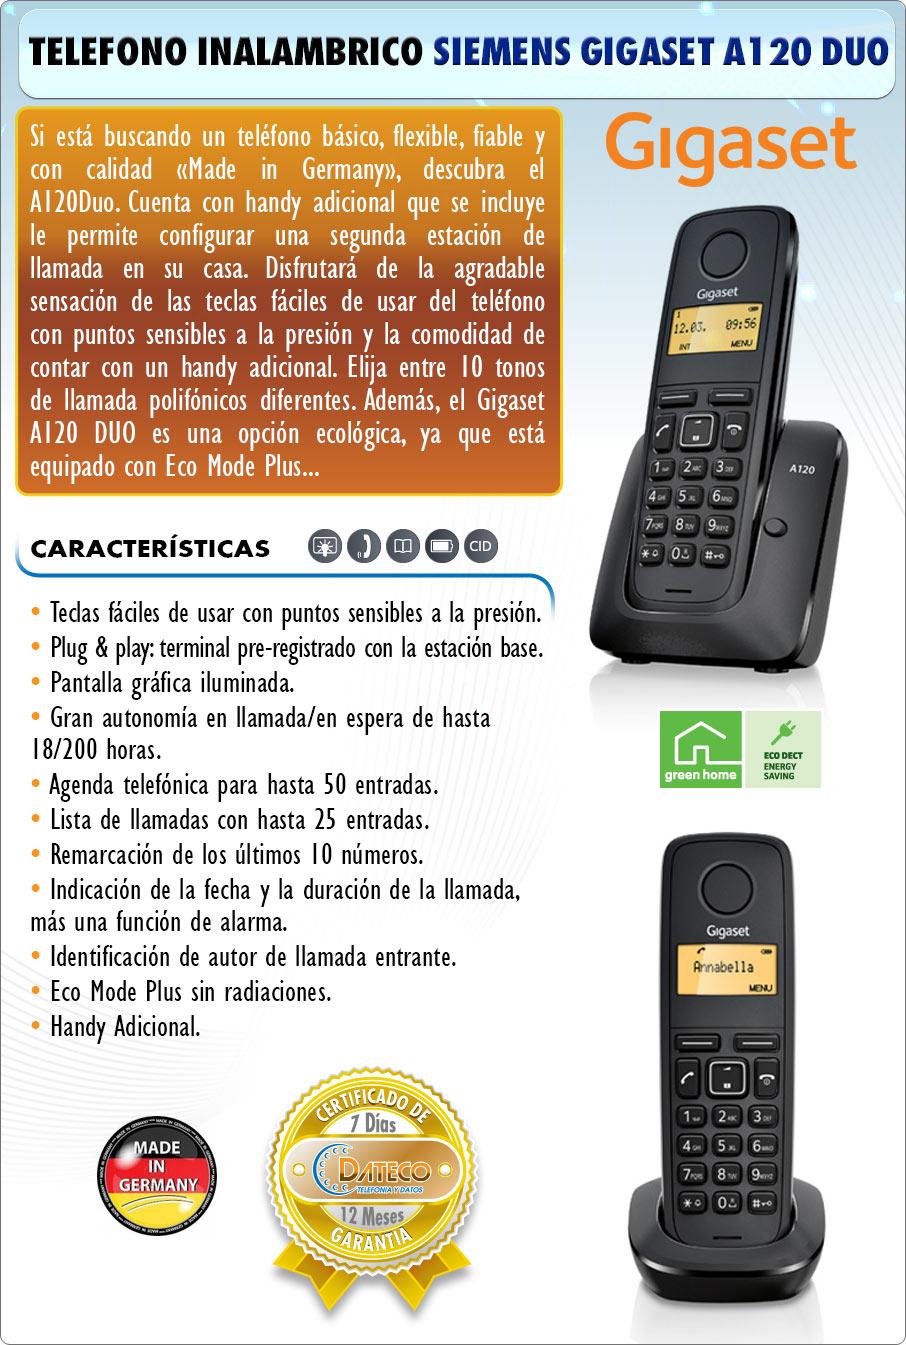 DATECO telefonia y datos - telefono inalambrico Siemens Gigaset A120 duo manos libres